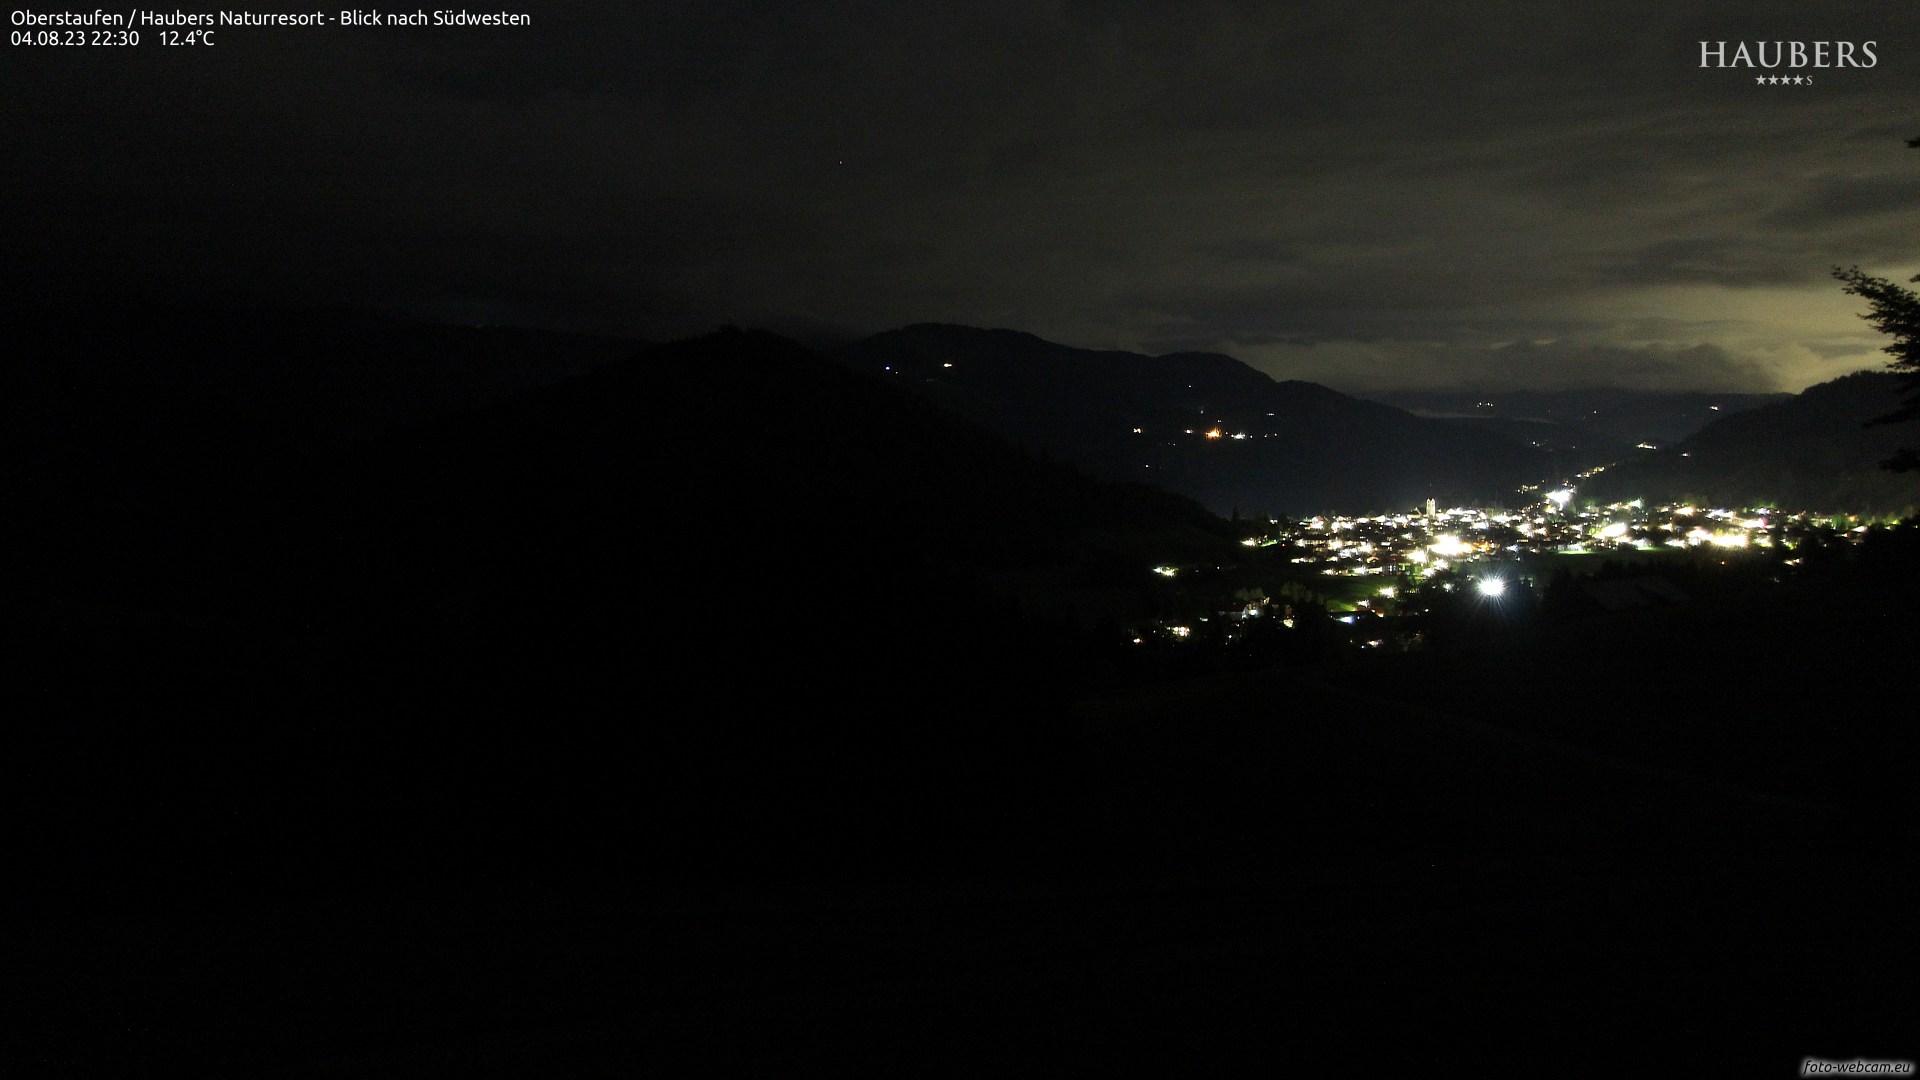 Webcam in Oberstaufen